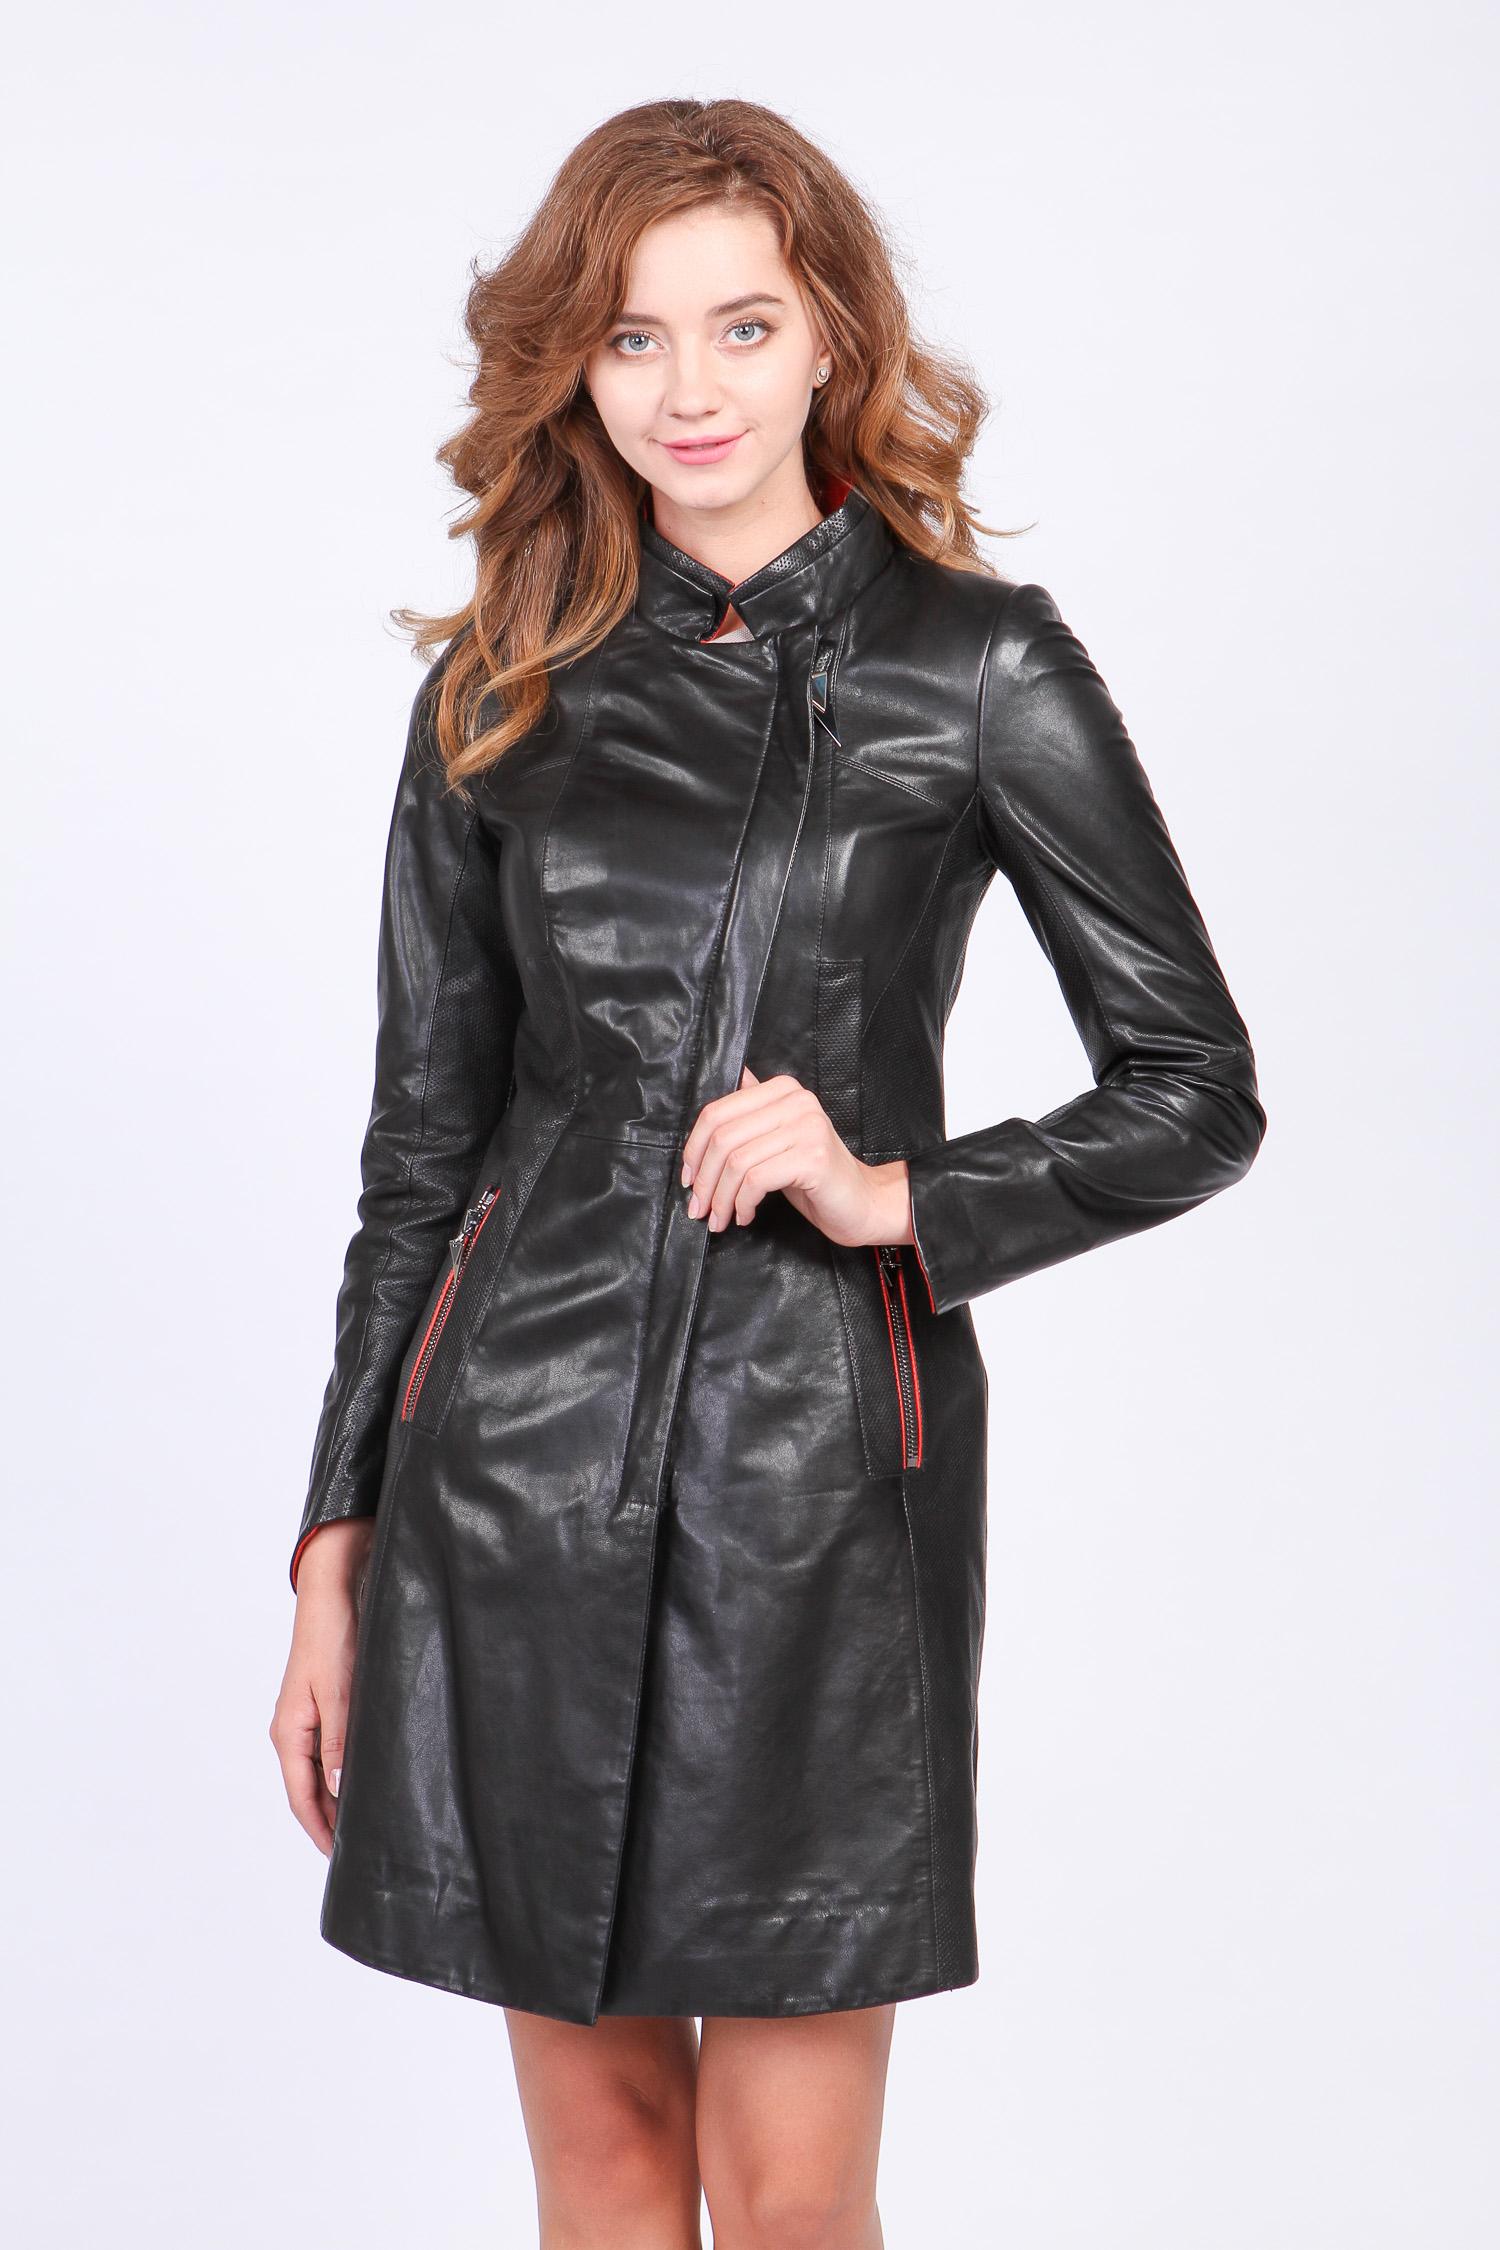 Женское кожаное пальто из натуральной кожи с воротником, без отделки МОСМЕХА